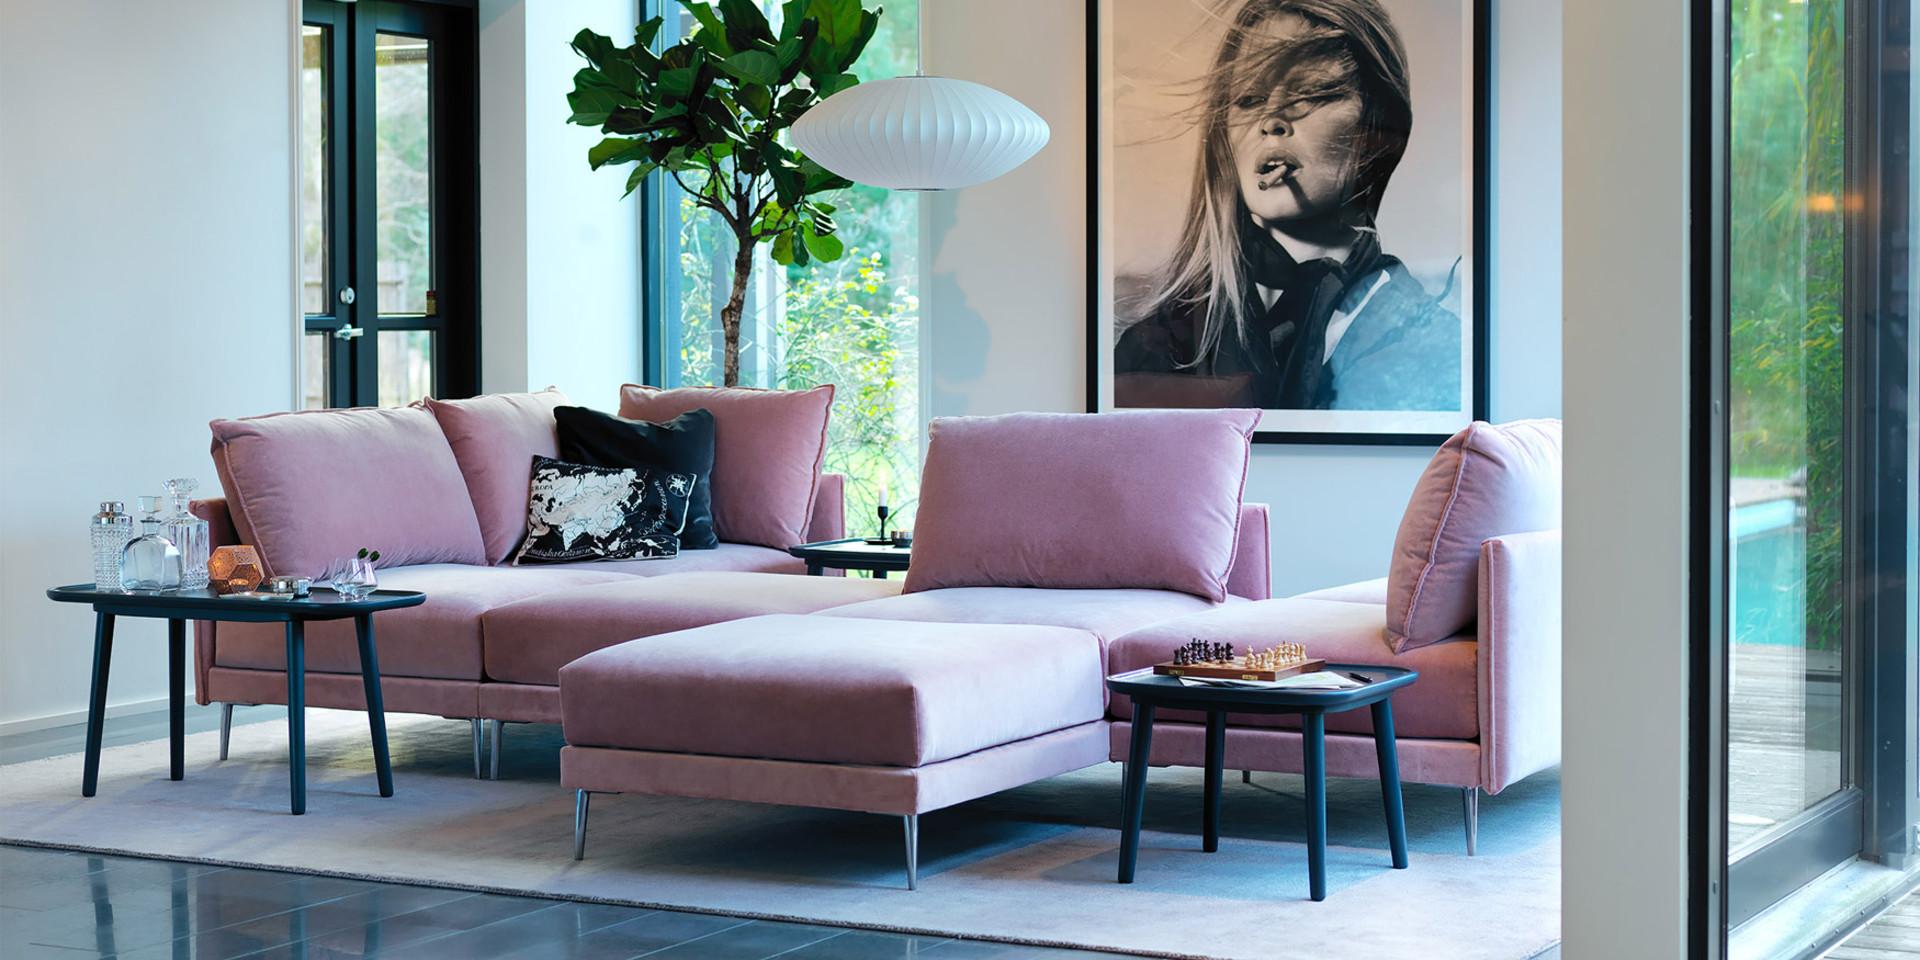 Canapé contemporain ros Alva Malibu-velvet-8-powder-pink